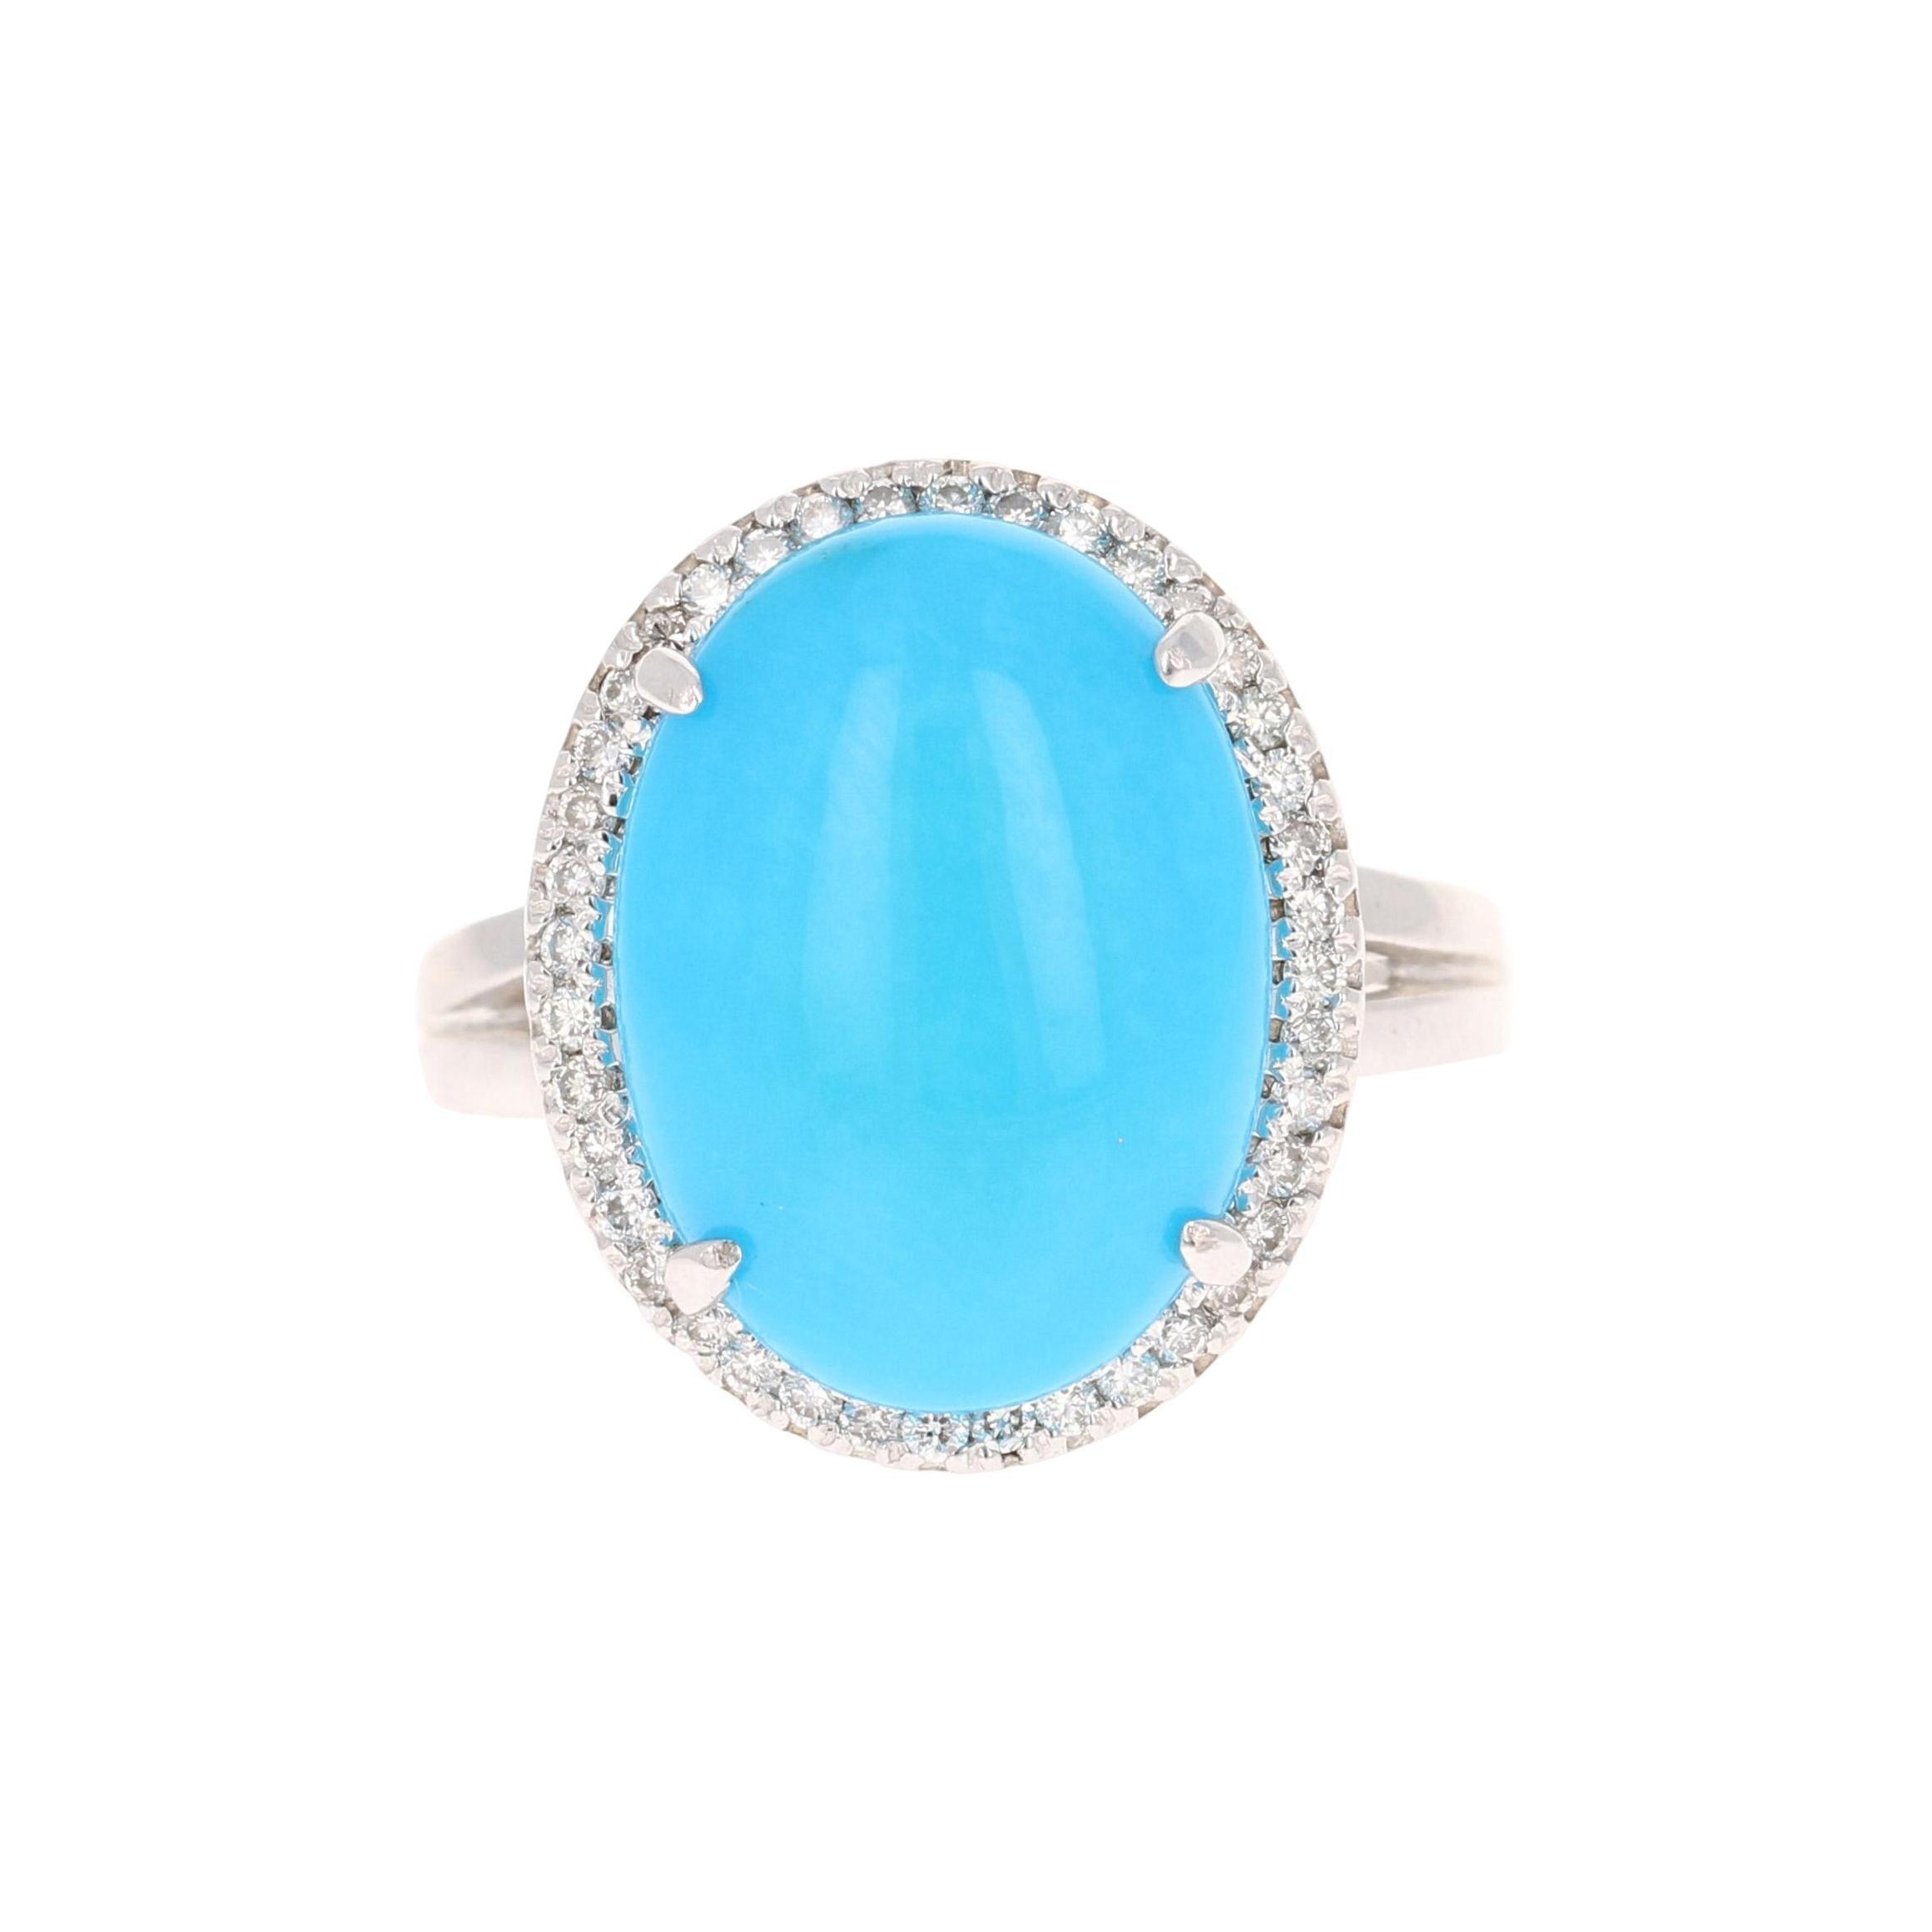 Turquoise Diamond 14 Karat White Gold Cocktail Ring